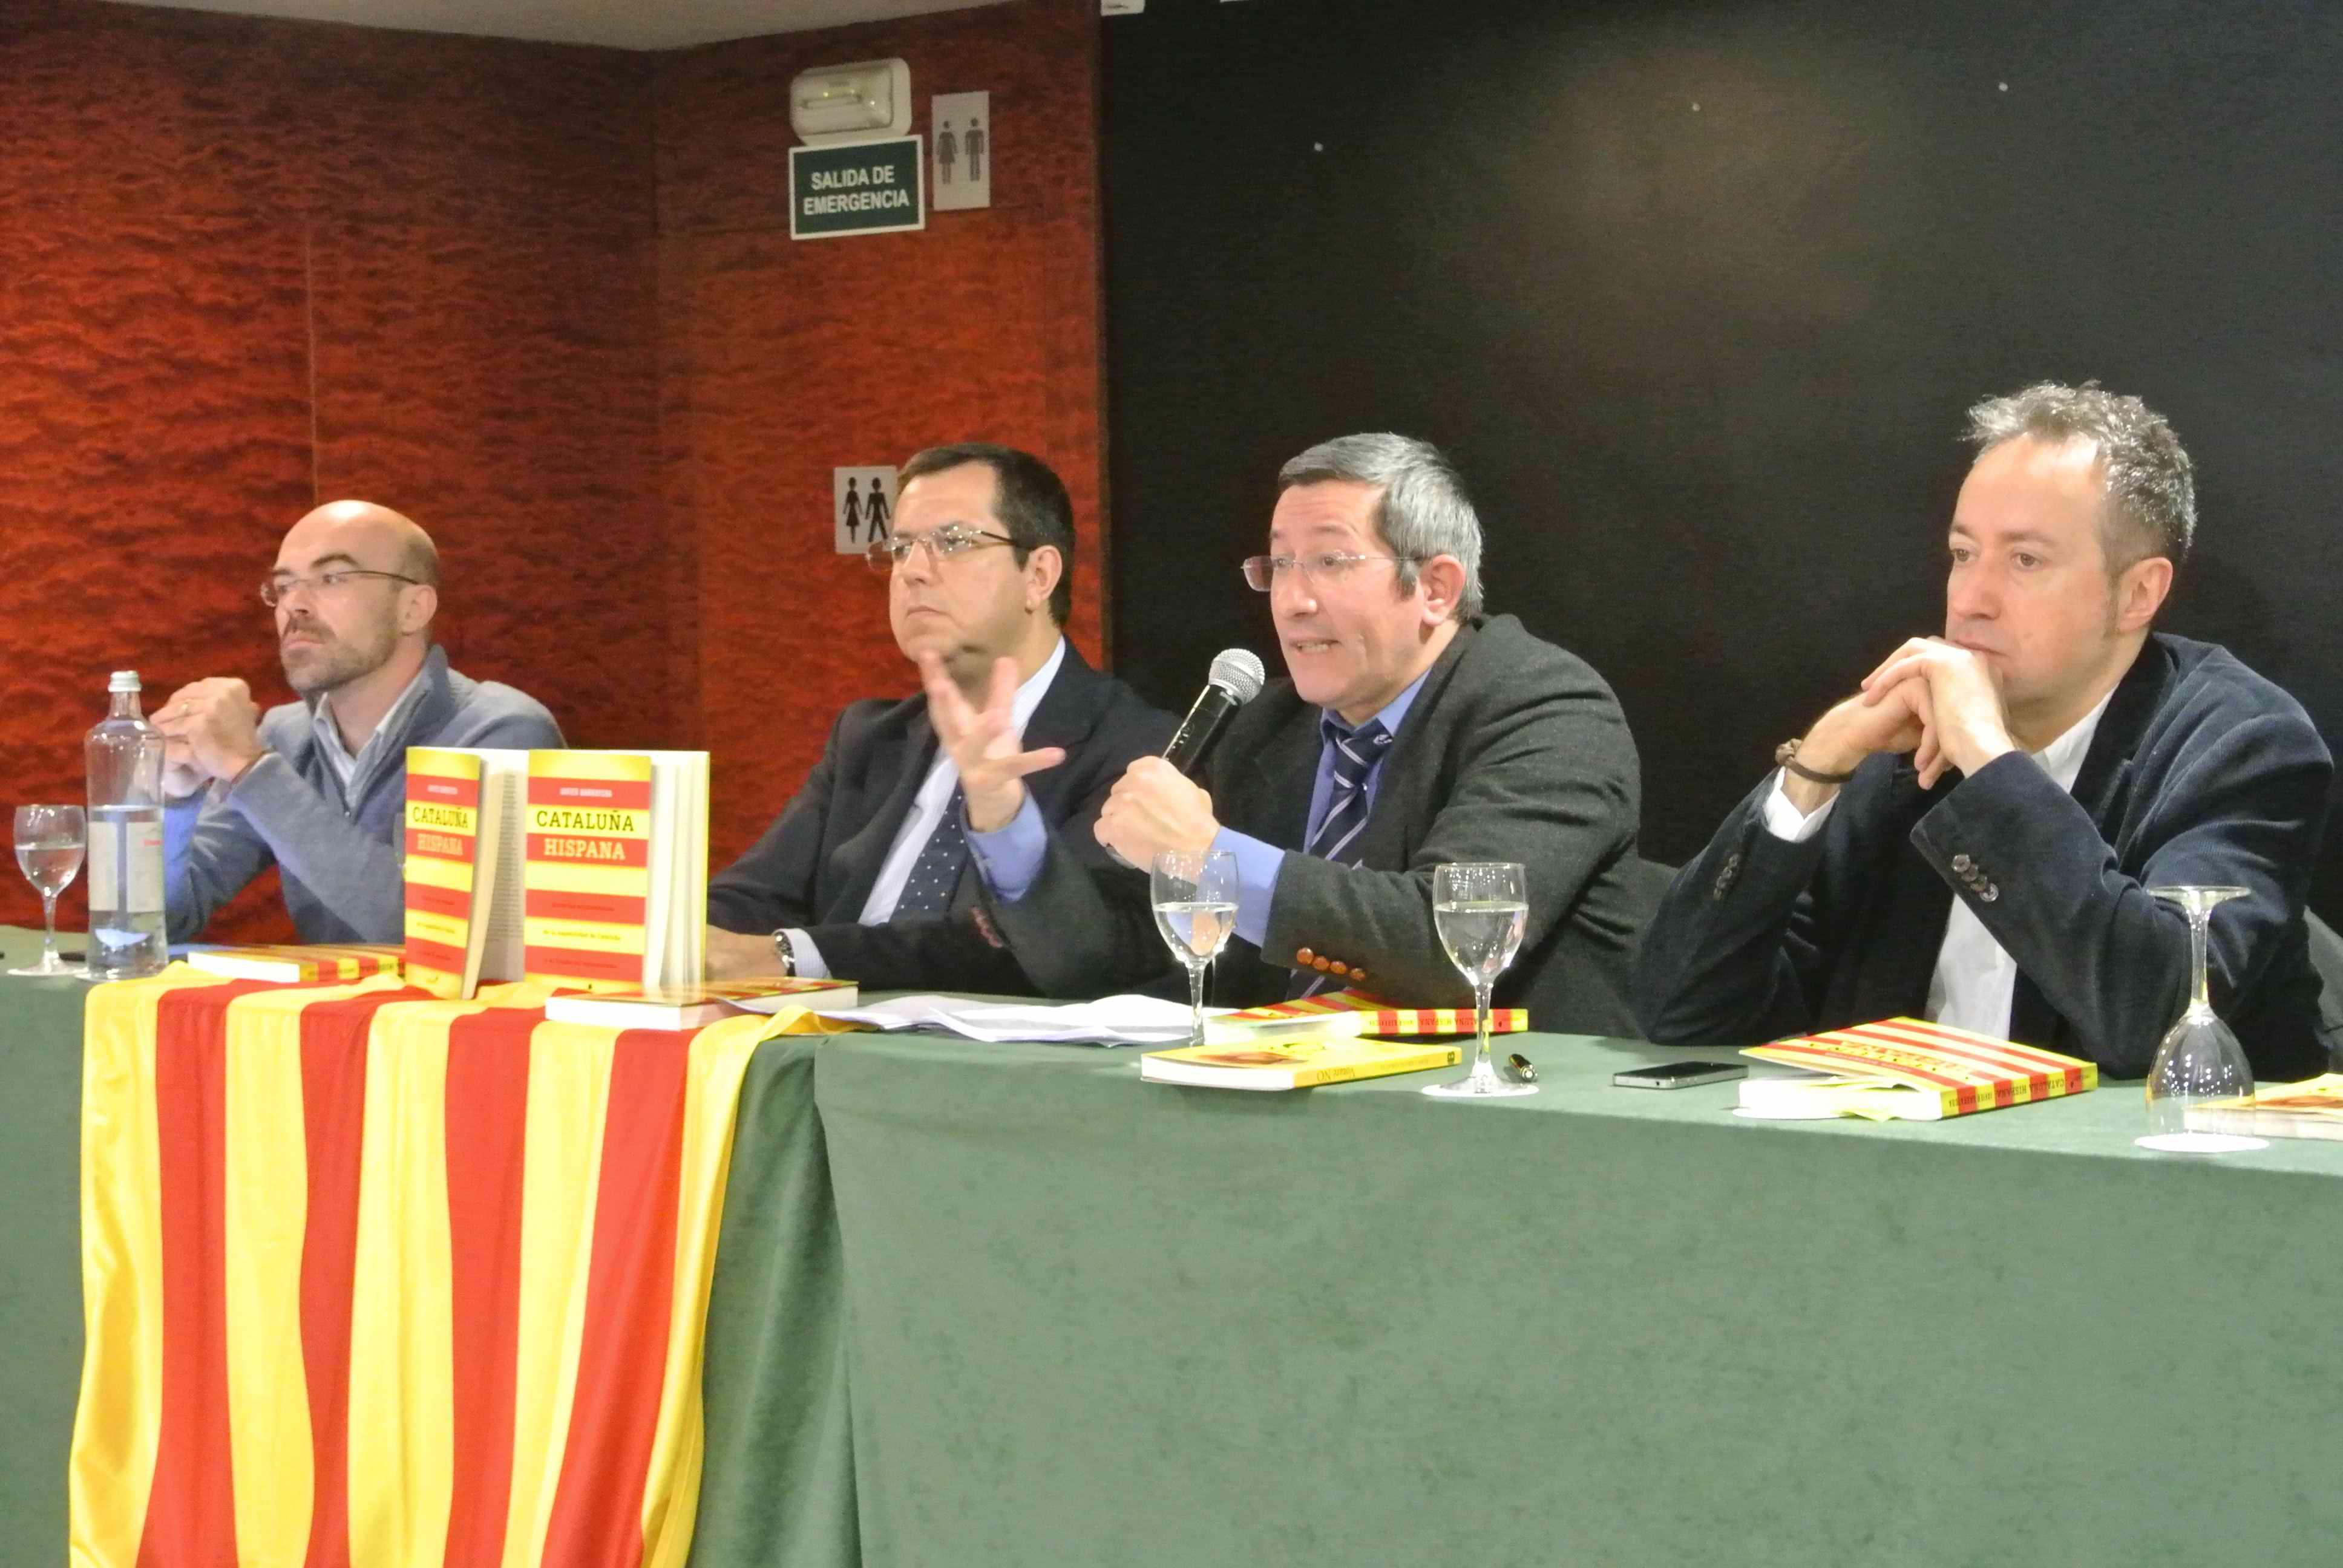 Conocer gente olesa catalana 6114